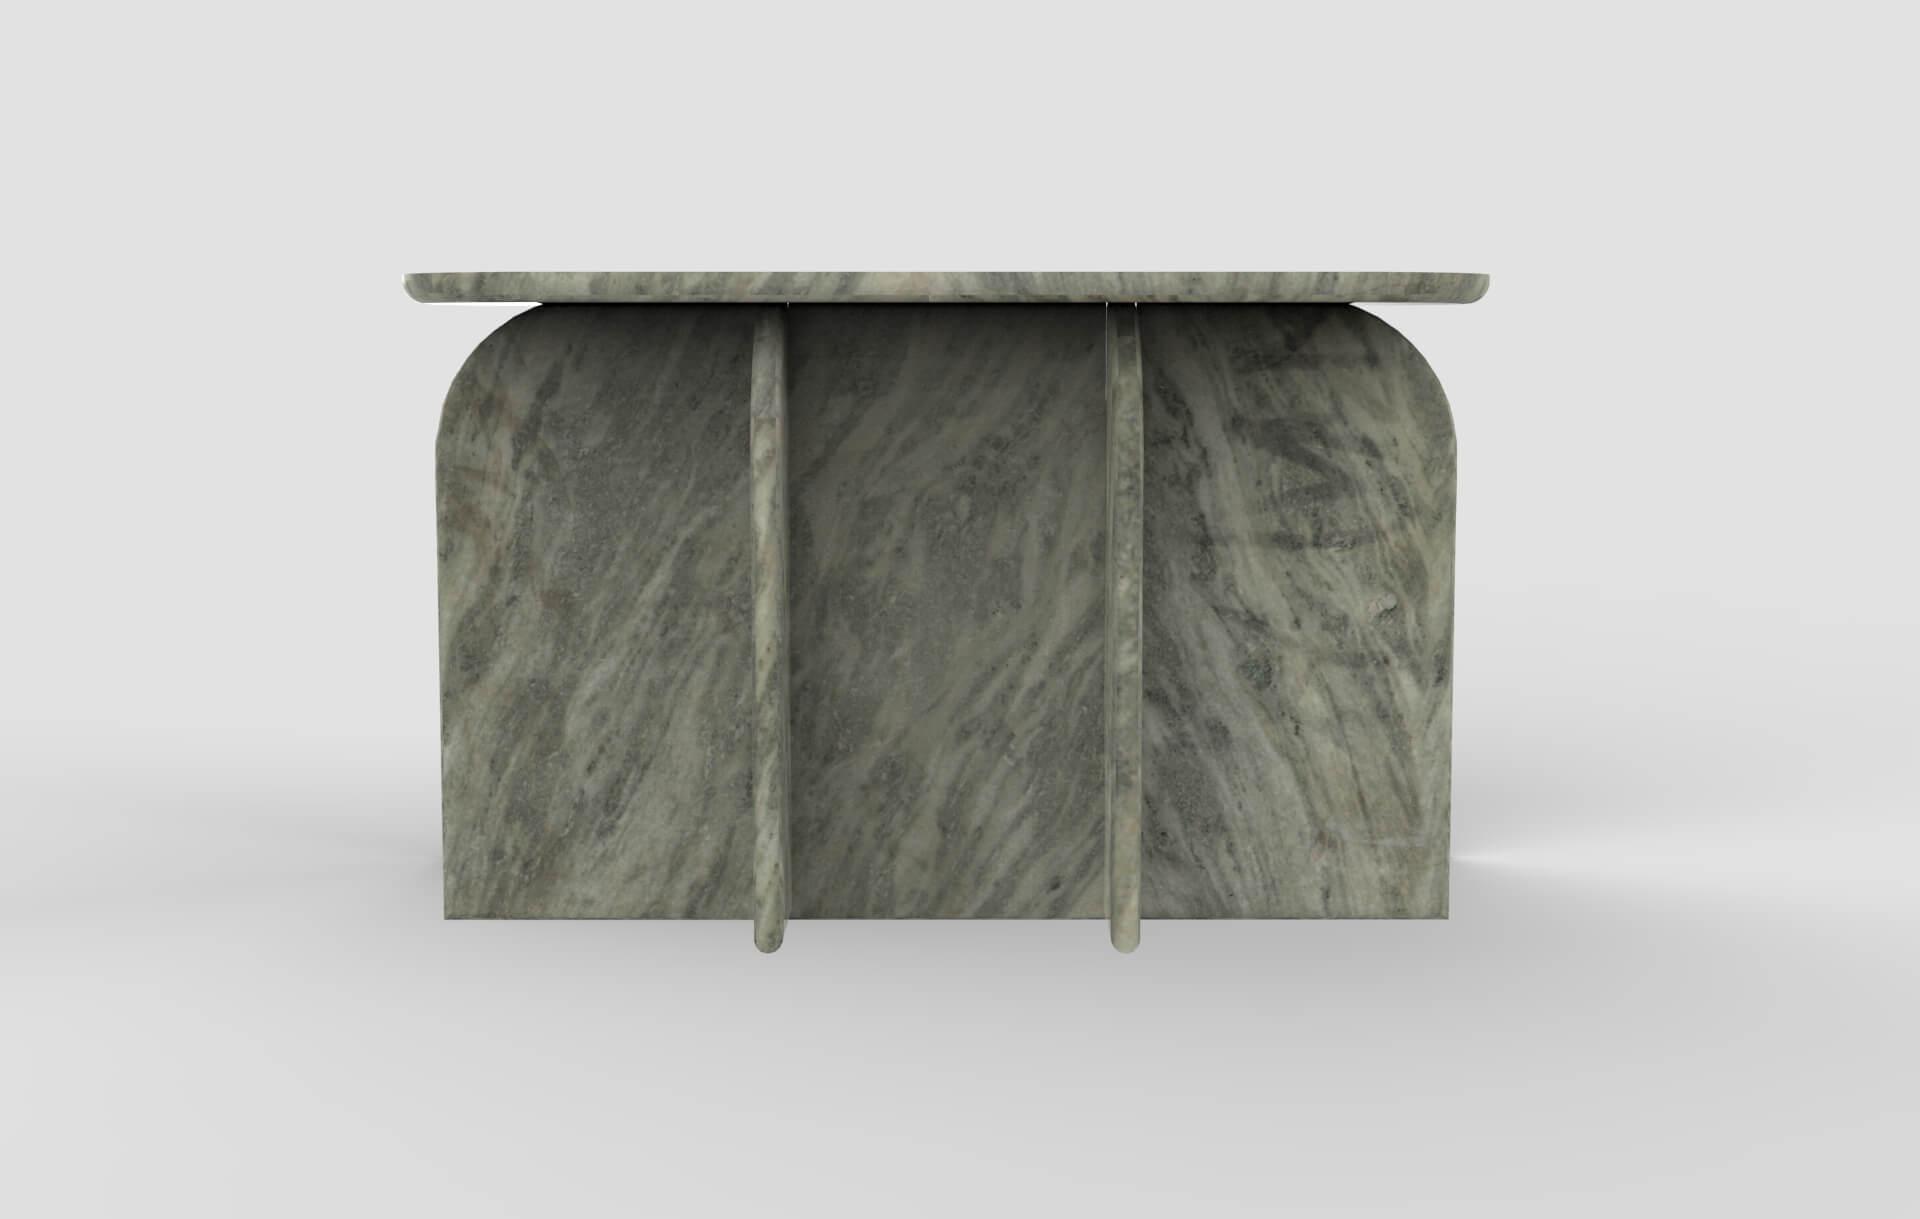 furniture design puzzle Co